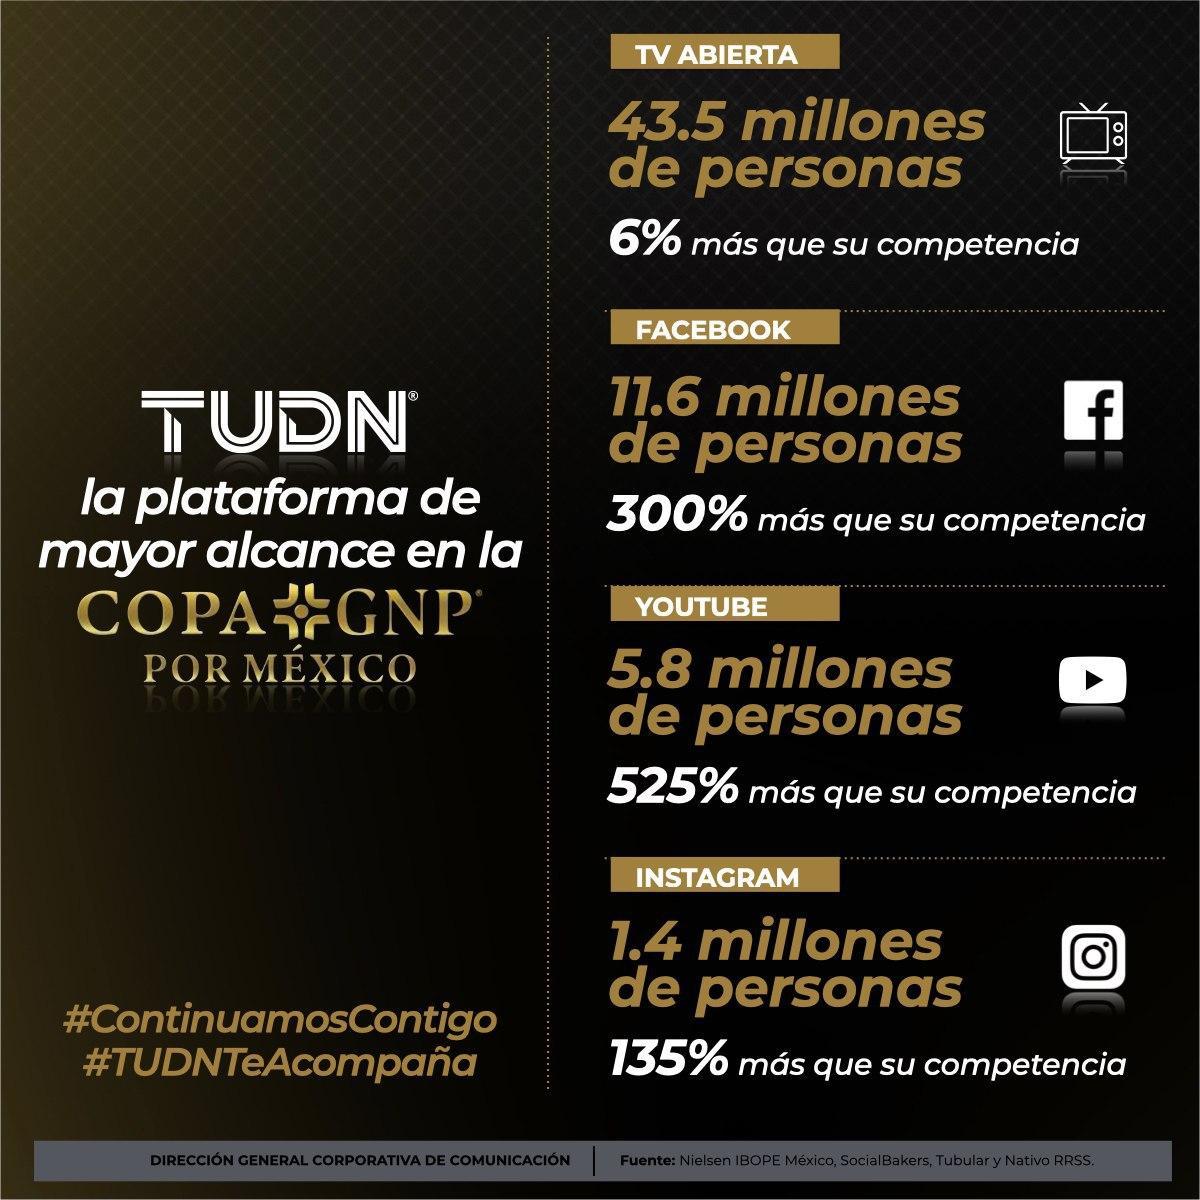 .@TUDNMEX la señal favorita para ver la #CopaGNPporMéxico tanto en televisión como en las diversas plataformas digitales. 📺📱💻🏆⚽️🇲🇽  #ContinuamosContigo | #TUDNTeAcompaña https://t.co/xsmZNE5sOd